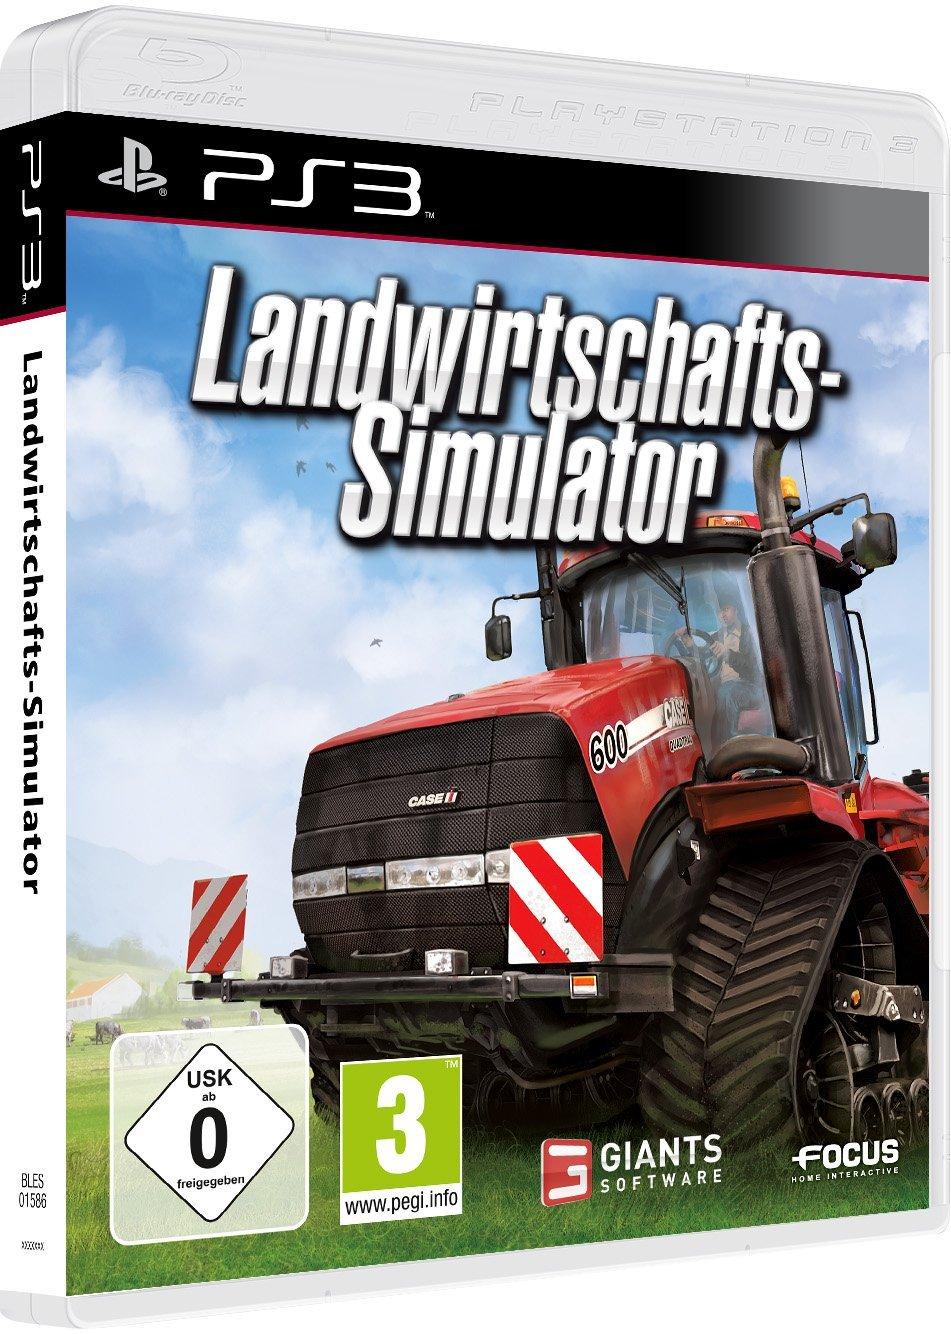 Landwirtschafts-Simulator Packshot